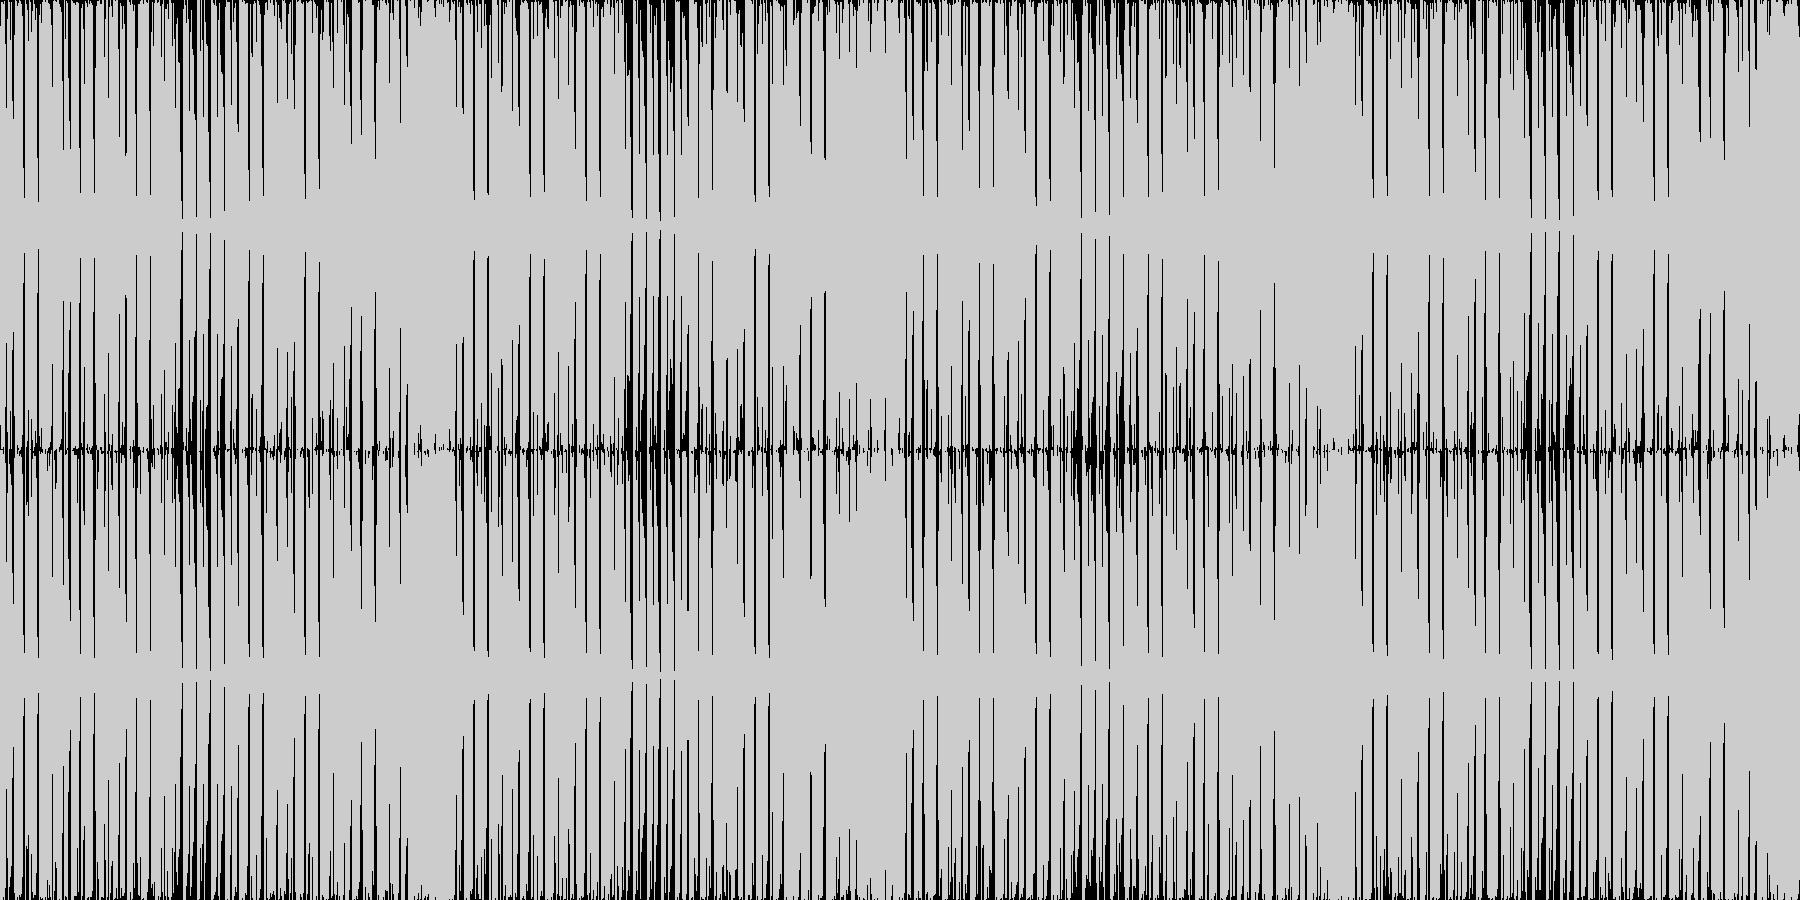 【ダンサブルなハウスサルサ】の未再生の波形